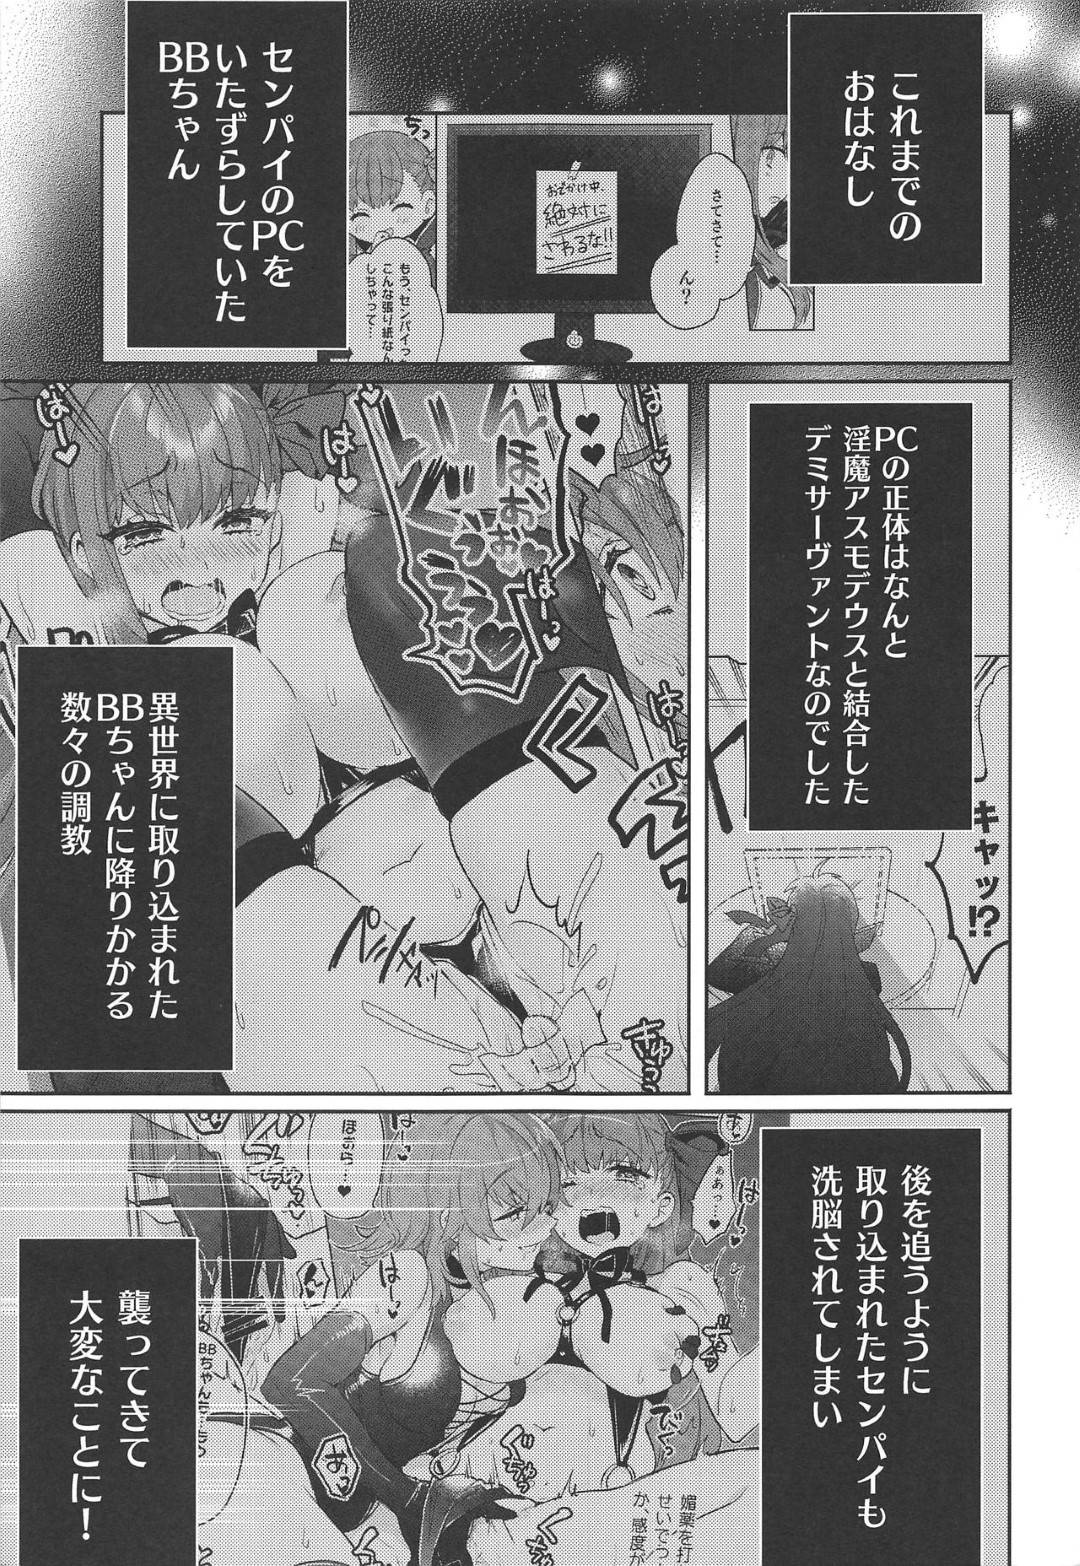 【エロ漫画】異世界に取り込まれてしまいセンパイからエッチな調教を受ける事となったBB。触手で全身を拘束されてしまった彼女はセンパイにレズエッチを求められ、触手で責められたり、具合わせされたりとひたすらエッチな調教を受ける。